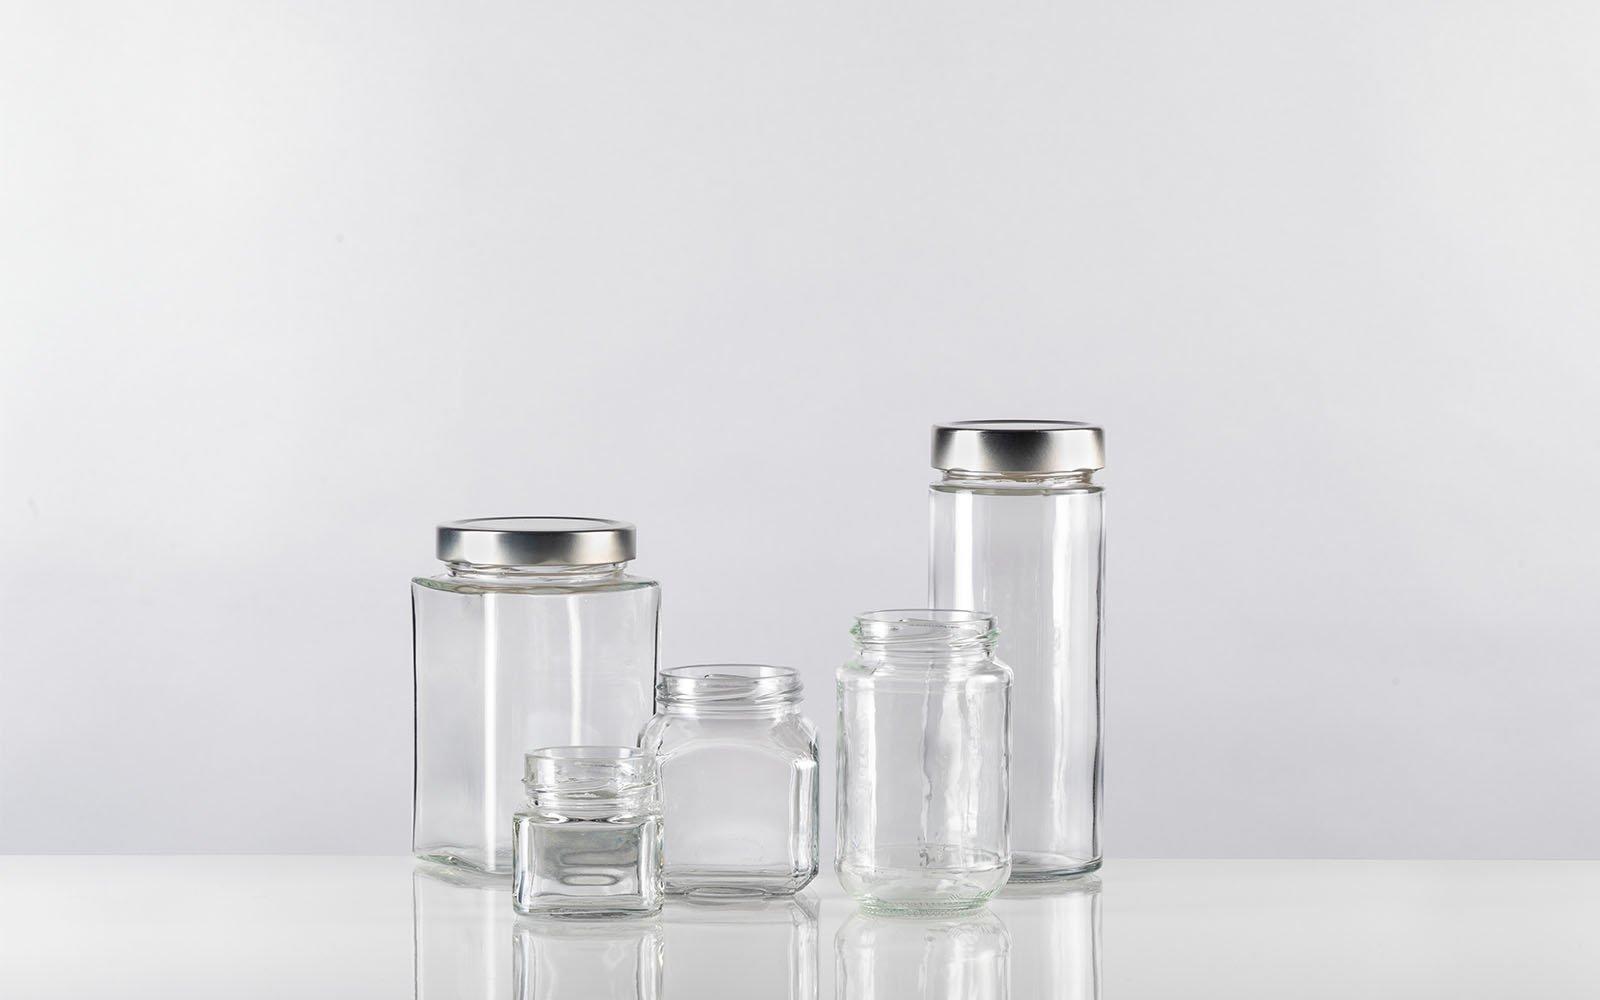 Contenitori Vetro Per Conserve prodotti - vetruria